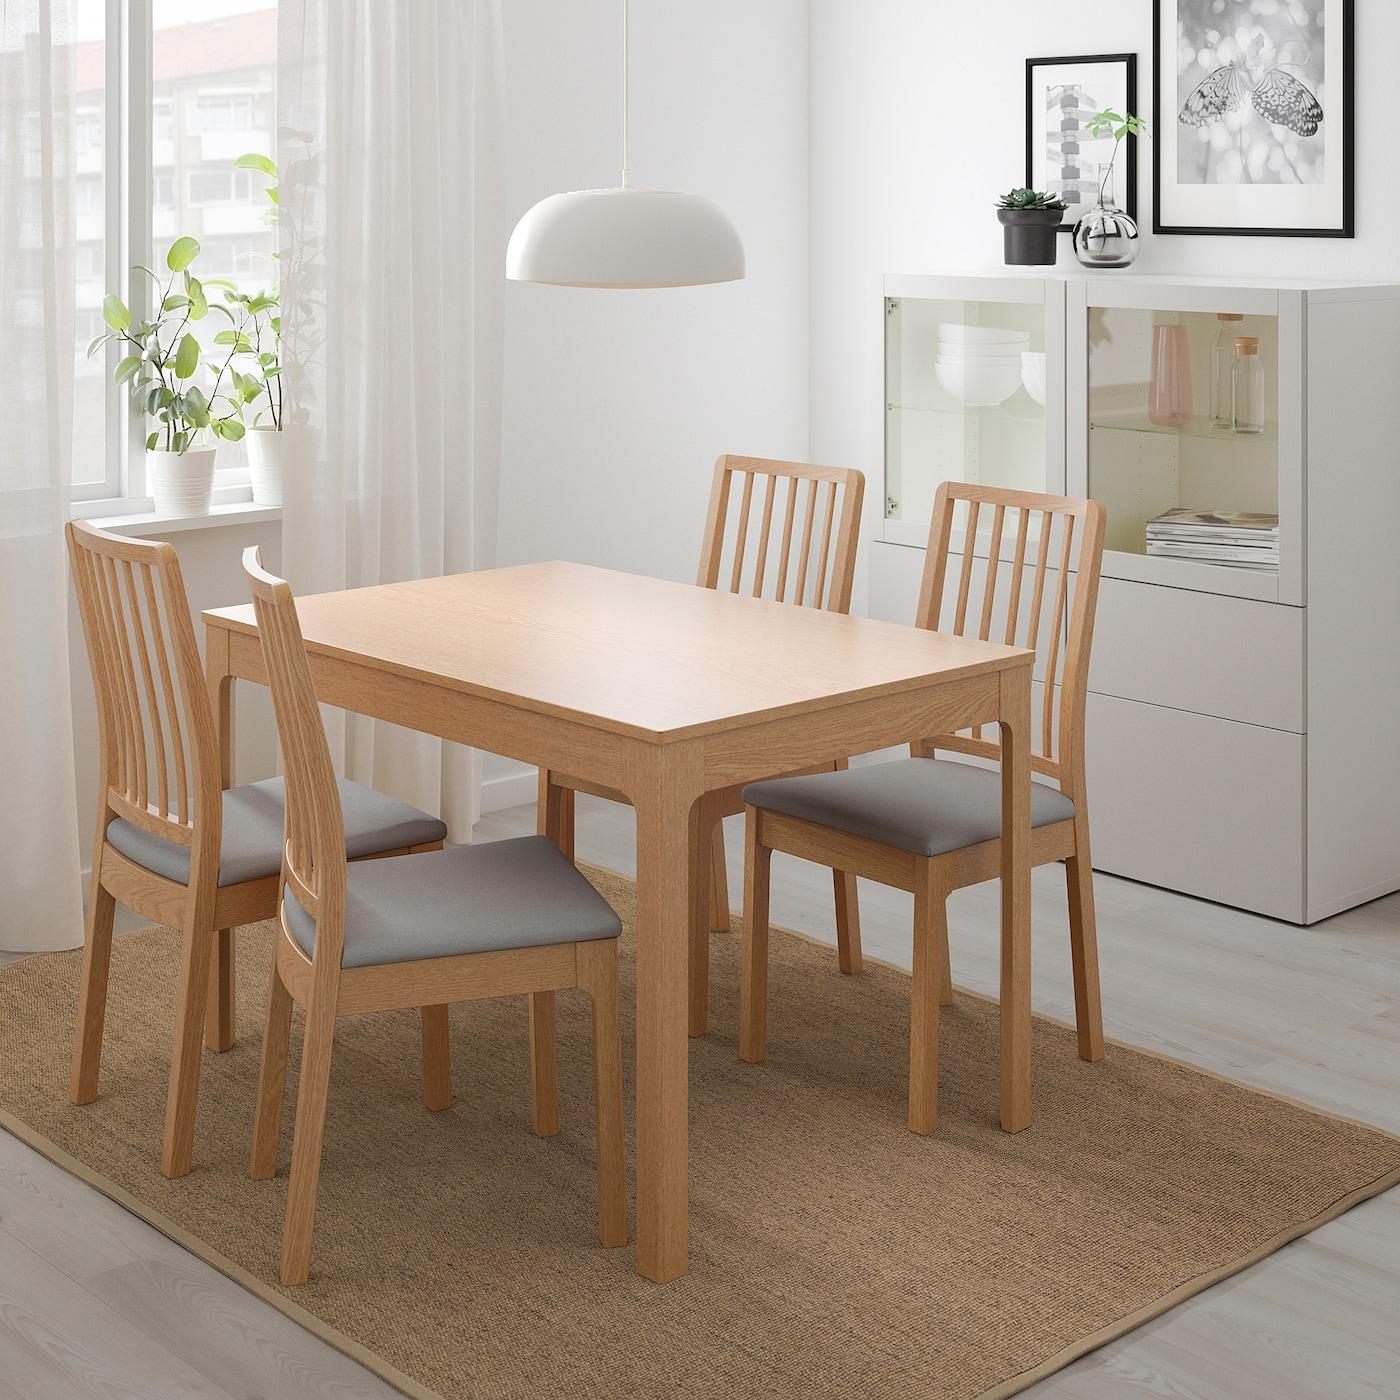 ikea stühle esszimmer